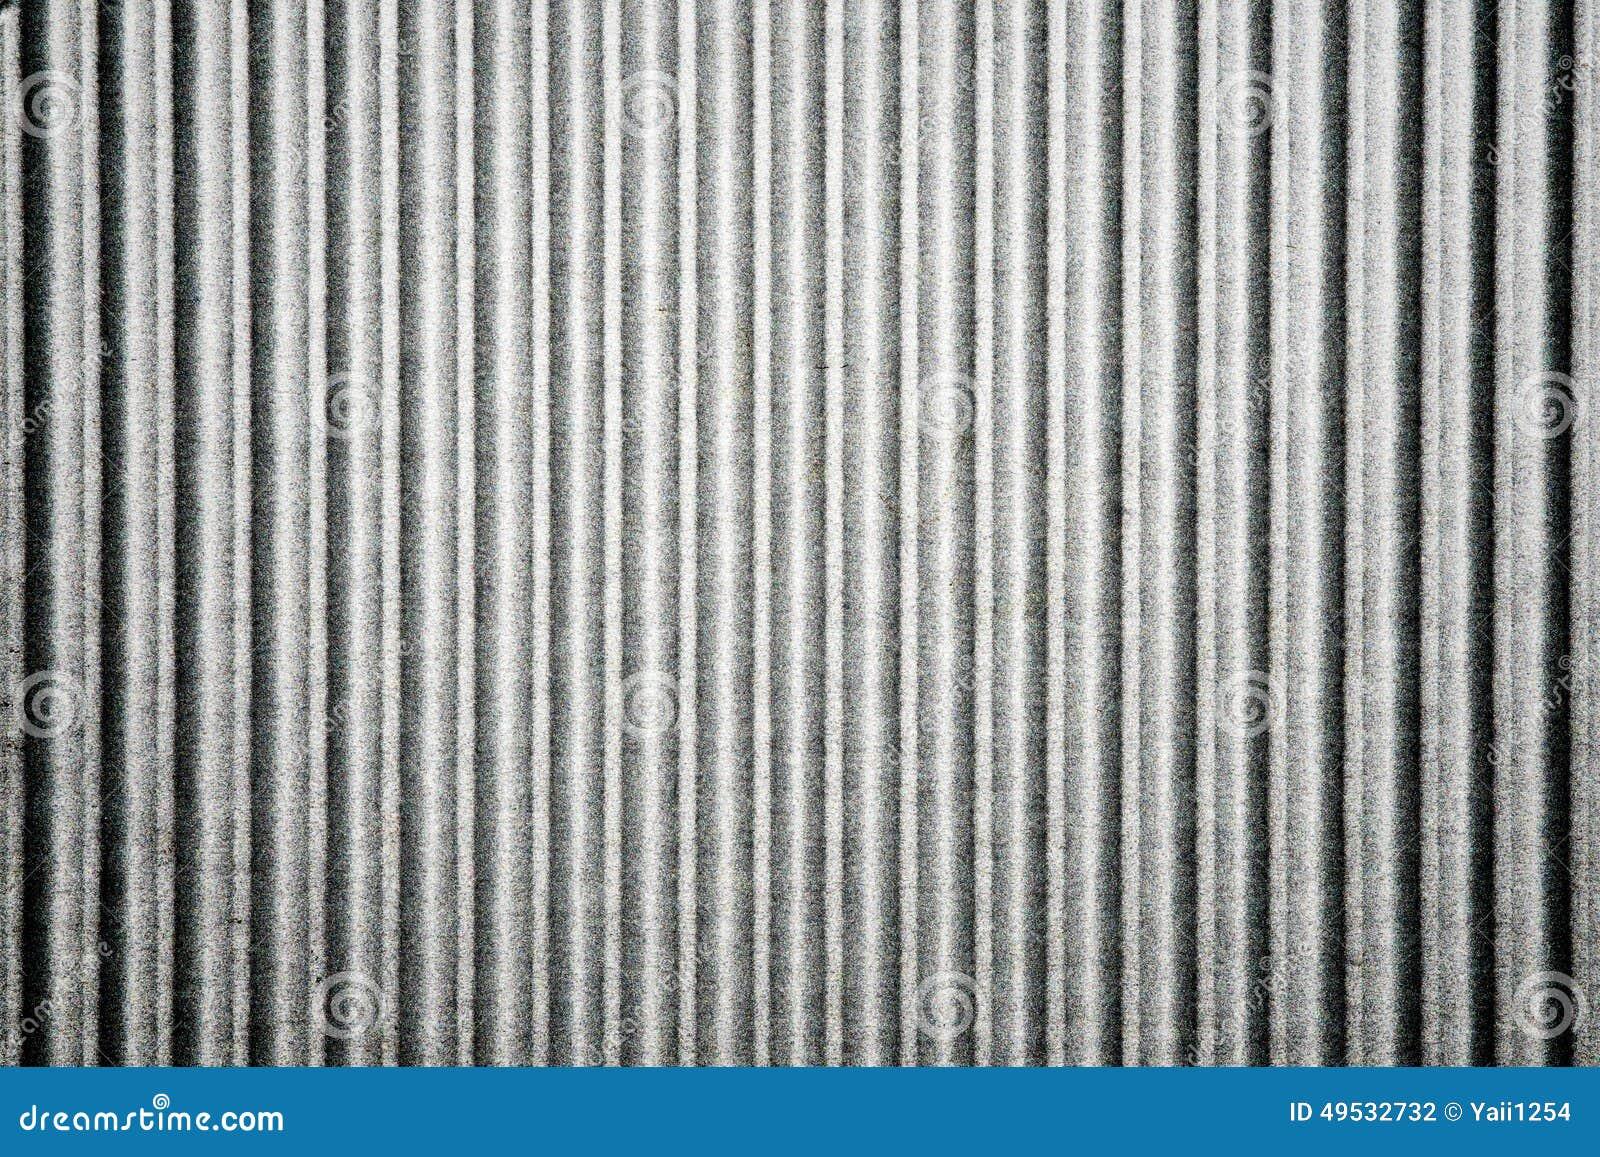 metal background stock photo image 49532732. Black Bedroom Furniture Sets. Home Design Ideas